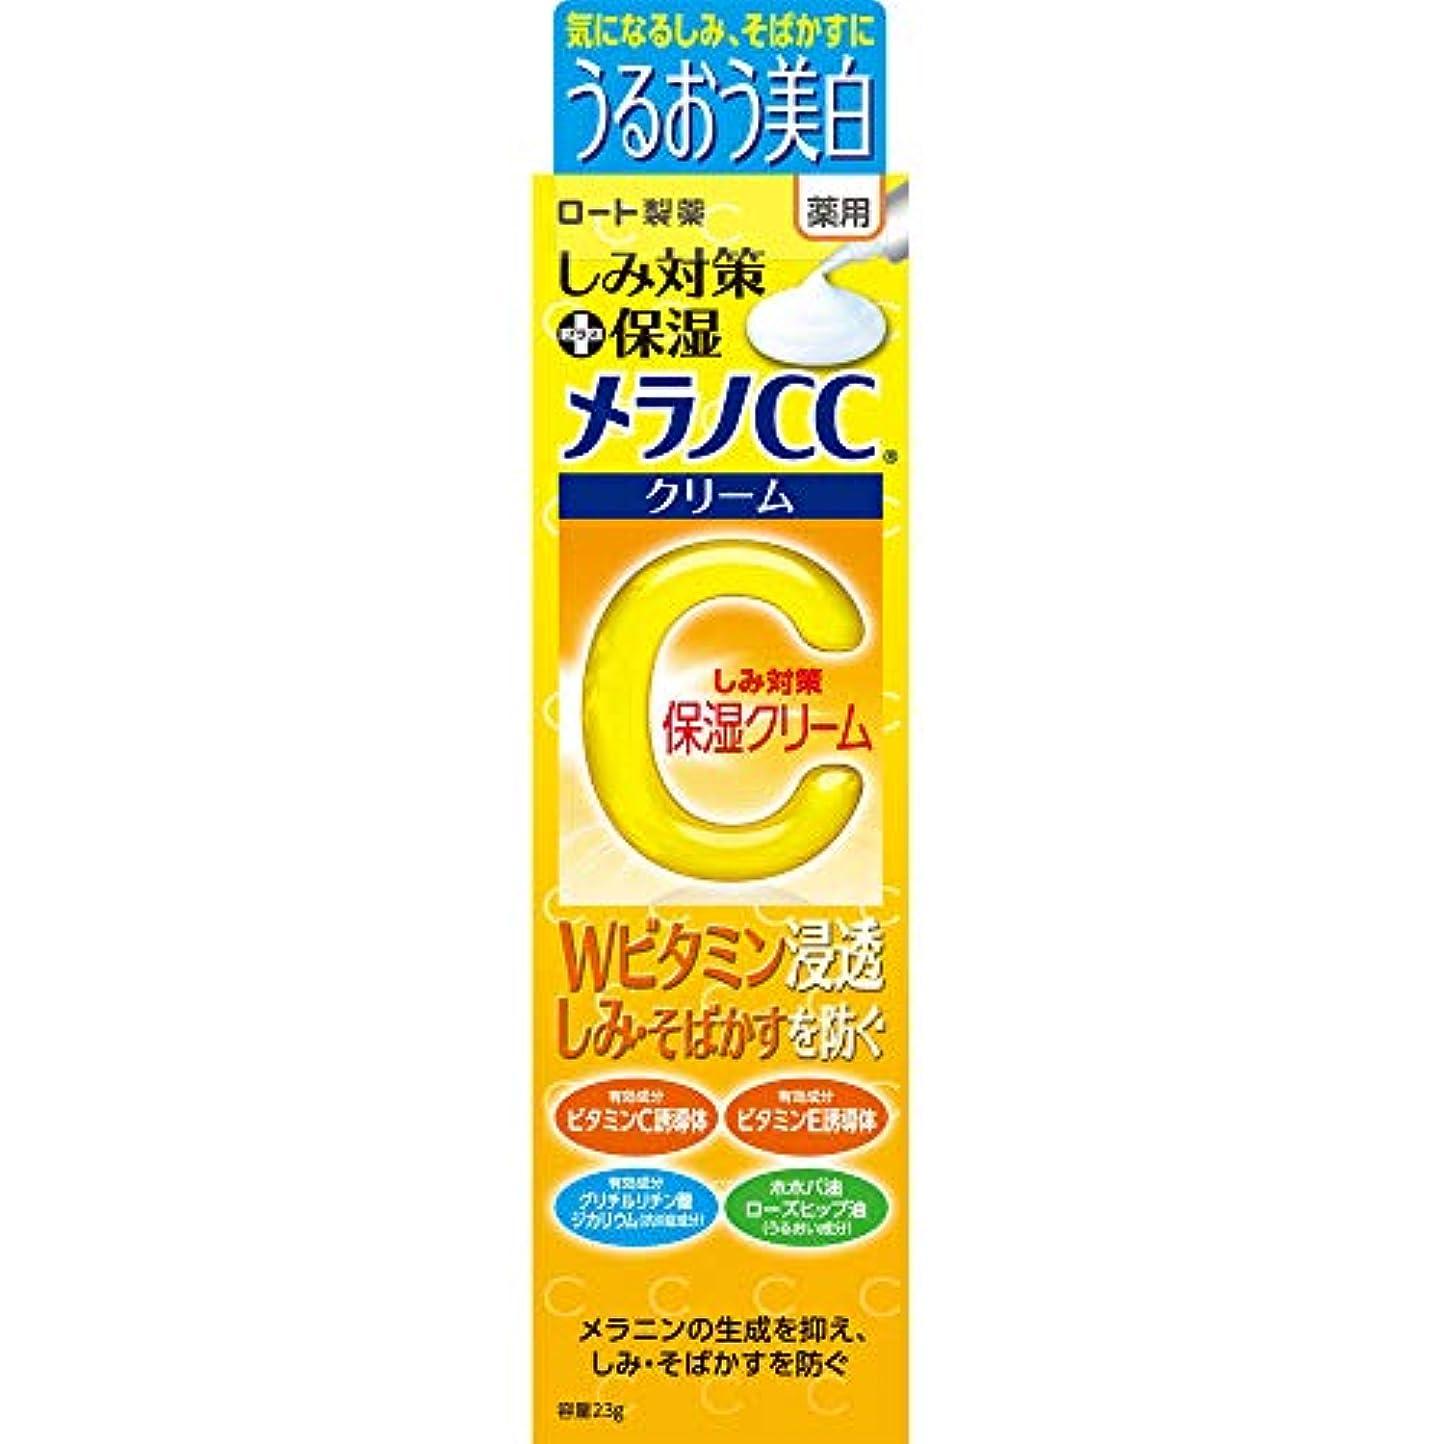 ウォルターカニンガム視線ごみメラノCC 薬用しみ対策 保湿クリーム 23g